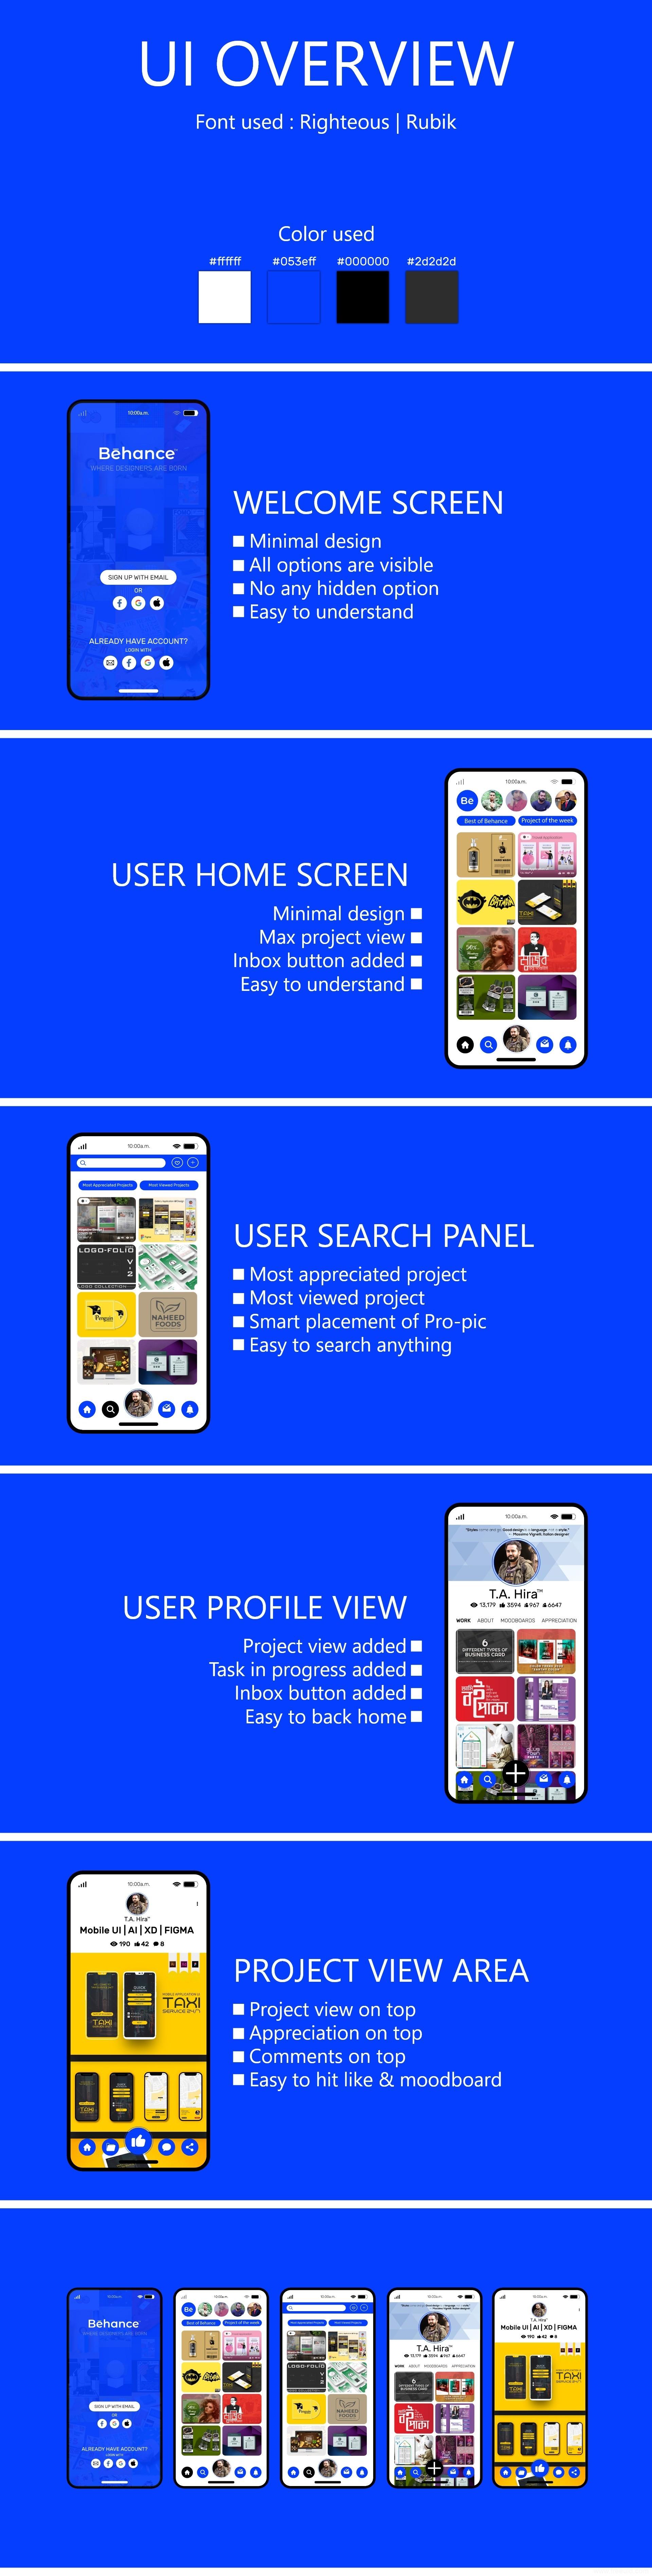 behance UI重设计,作品展示app UI界面设计,UI素材下载xd源文件